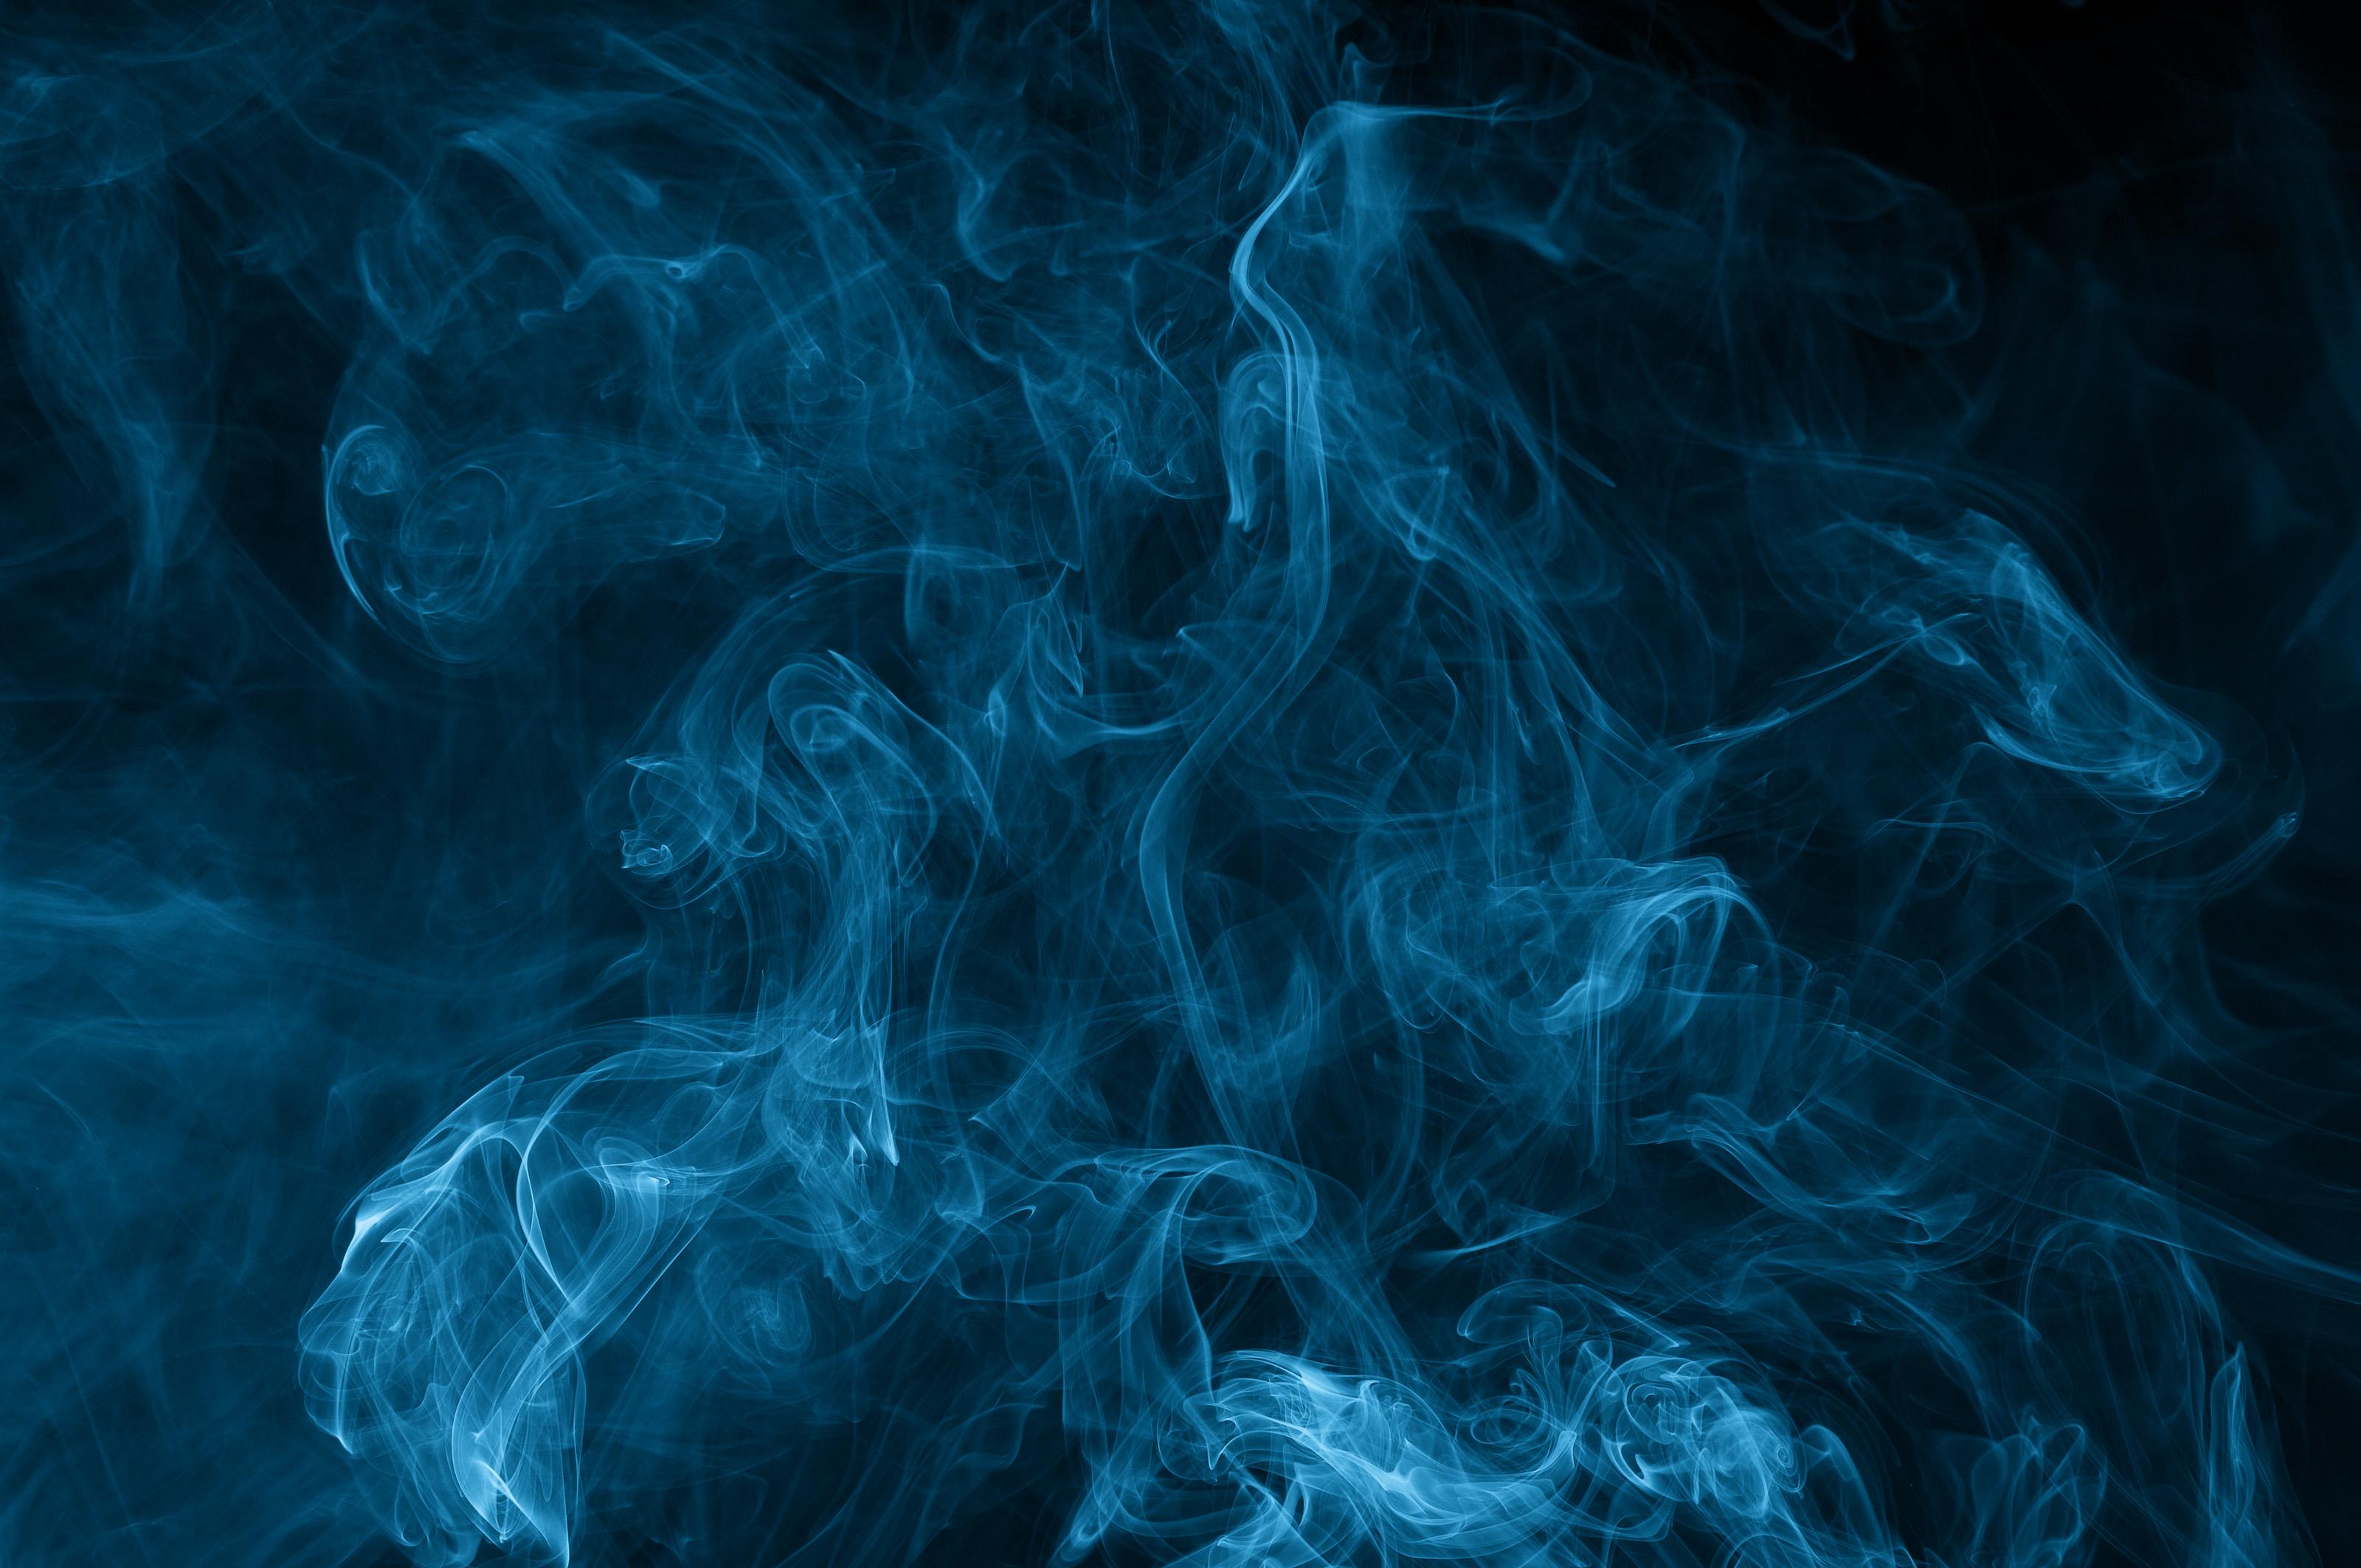 Как добавить эффект дыма в фотошопе